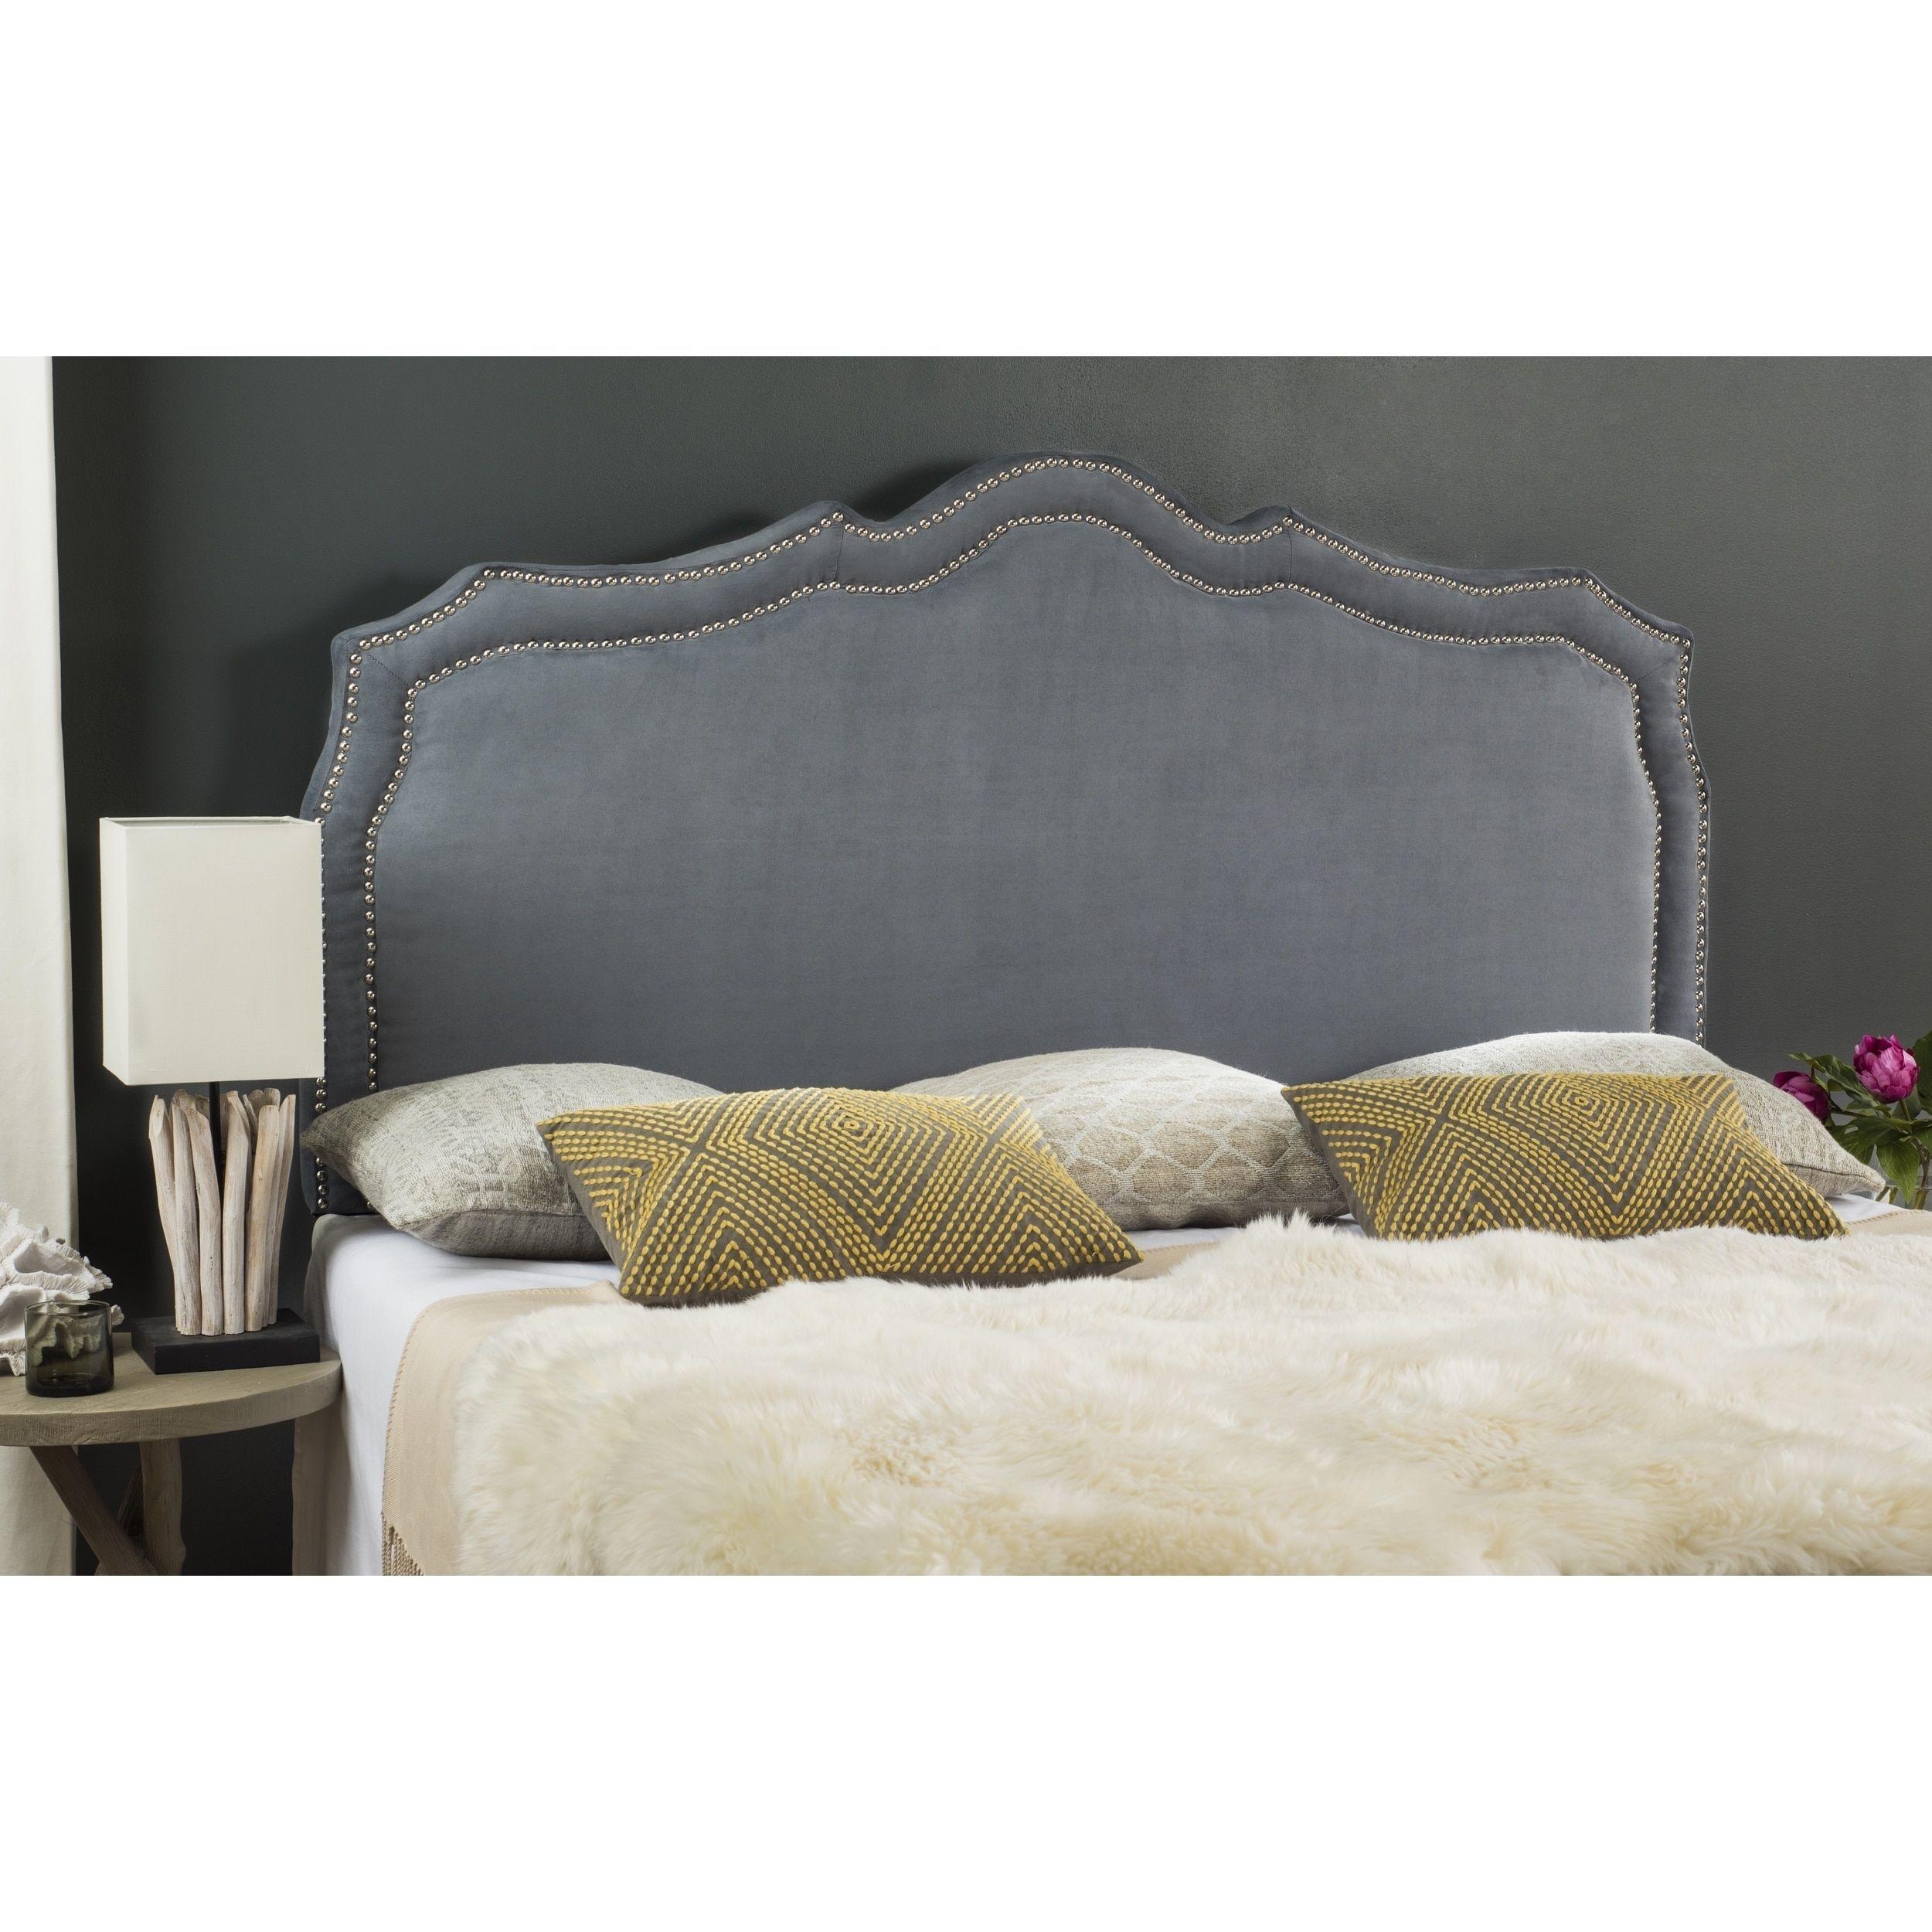 Safavieh Skyler Grey Velvet Upholstered Headboard - Silver Nailhead (Queen)  (MCR4004C-Q